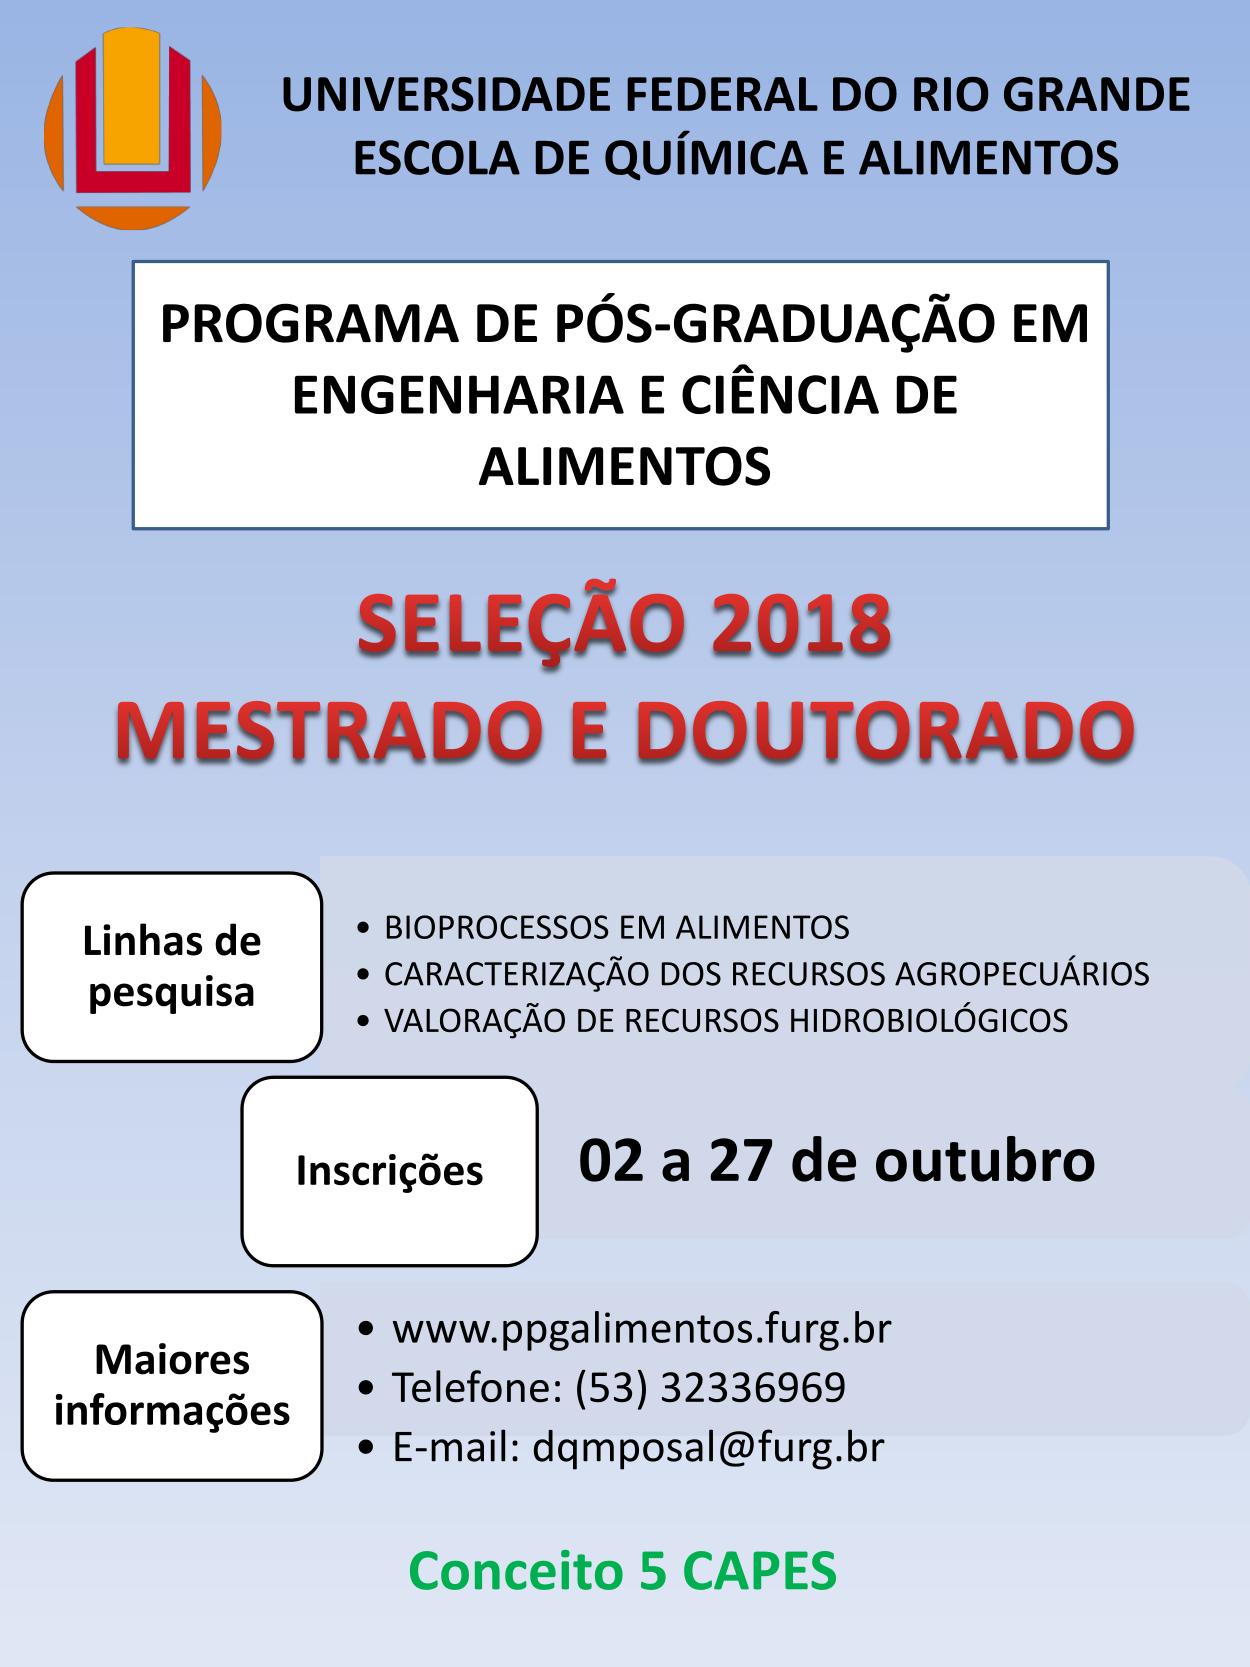 Infomativo da UFRG para seleção de mestrado e doutorado.png